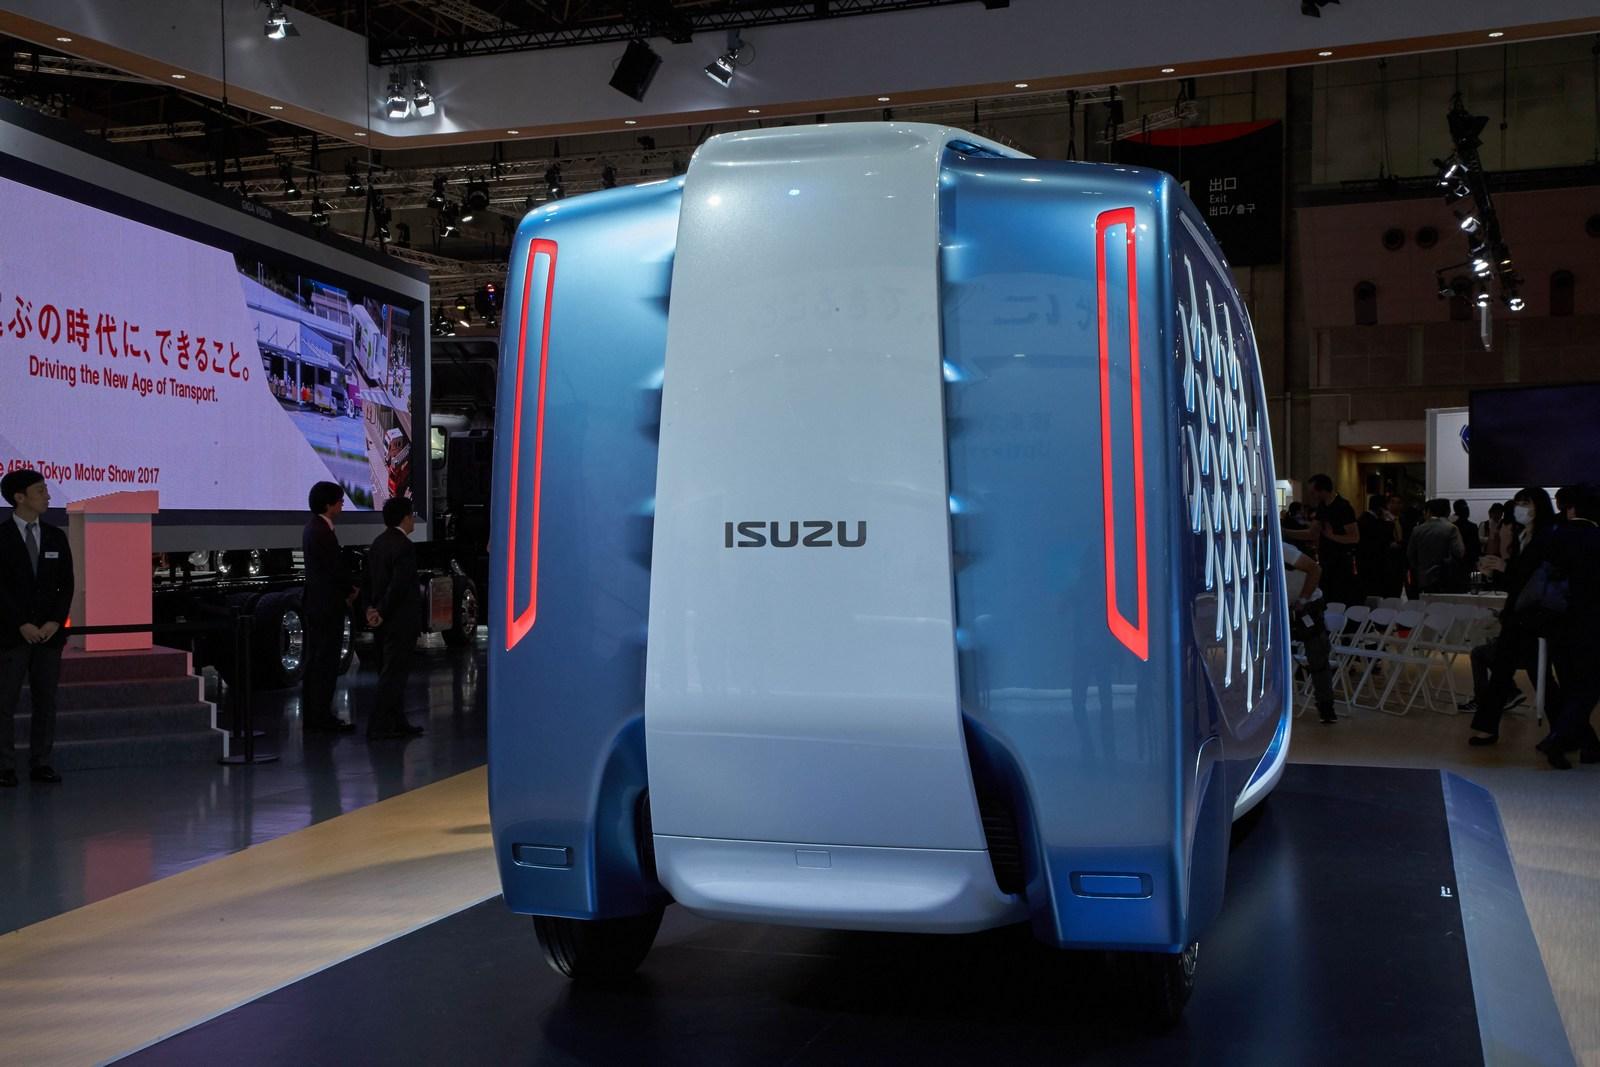 ด้านท้าย รถบรรทุก isuzu Concept truck มาพร้อมไฟแนวยาวล้ำยุค